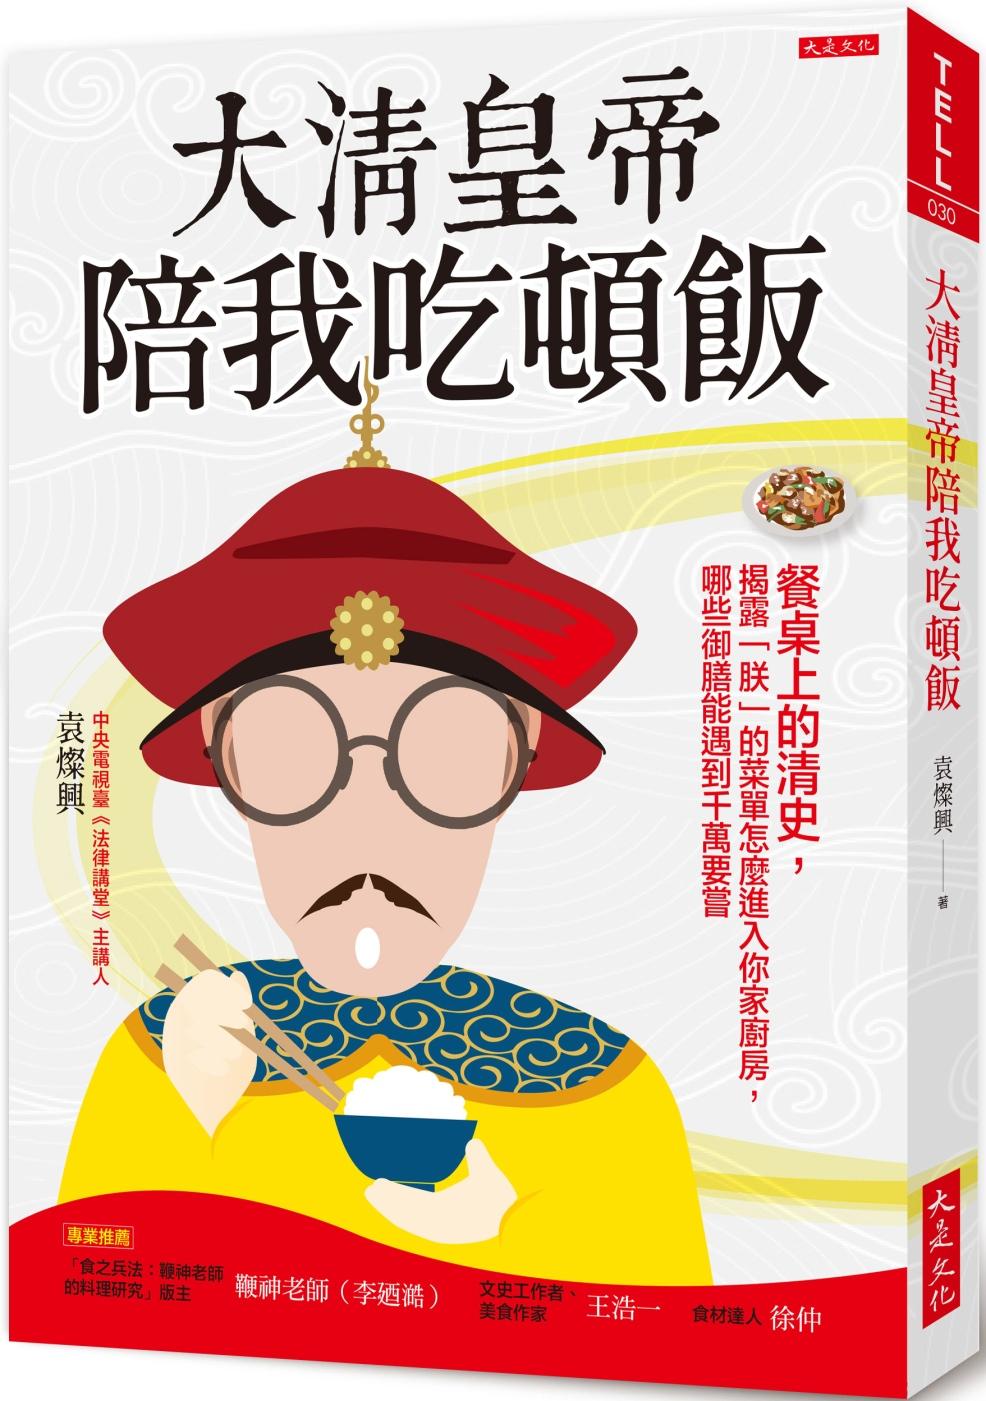 大清皇帝陪我吃頓飯:餐桌上的清史,揭露「朕」的菜單怎麼進入你家廚房,哪些御膳能遇到千萬要嘗